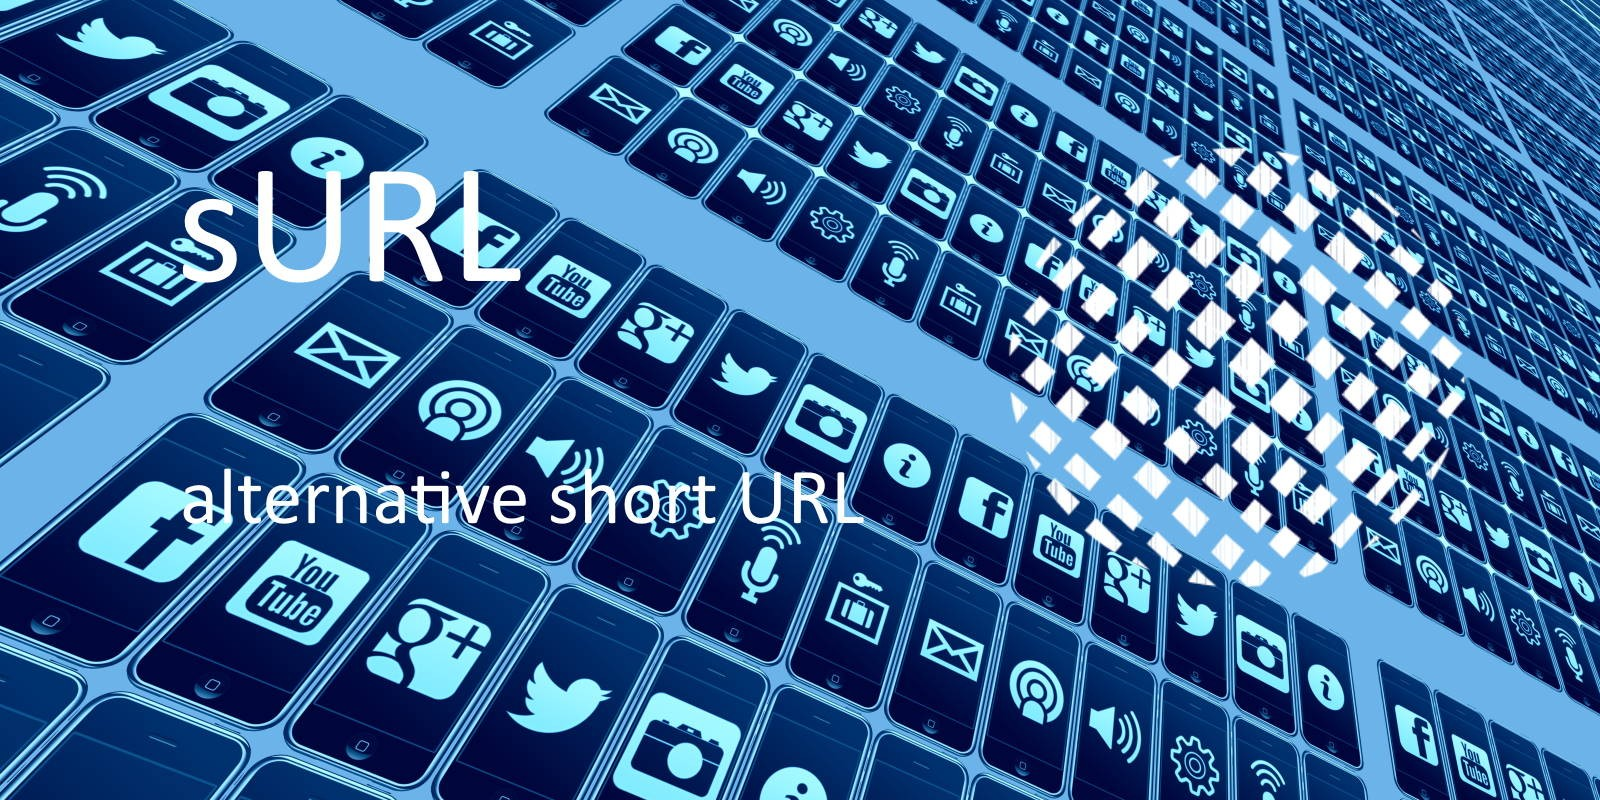 sURL - alternative short URL